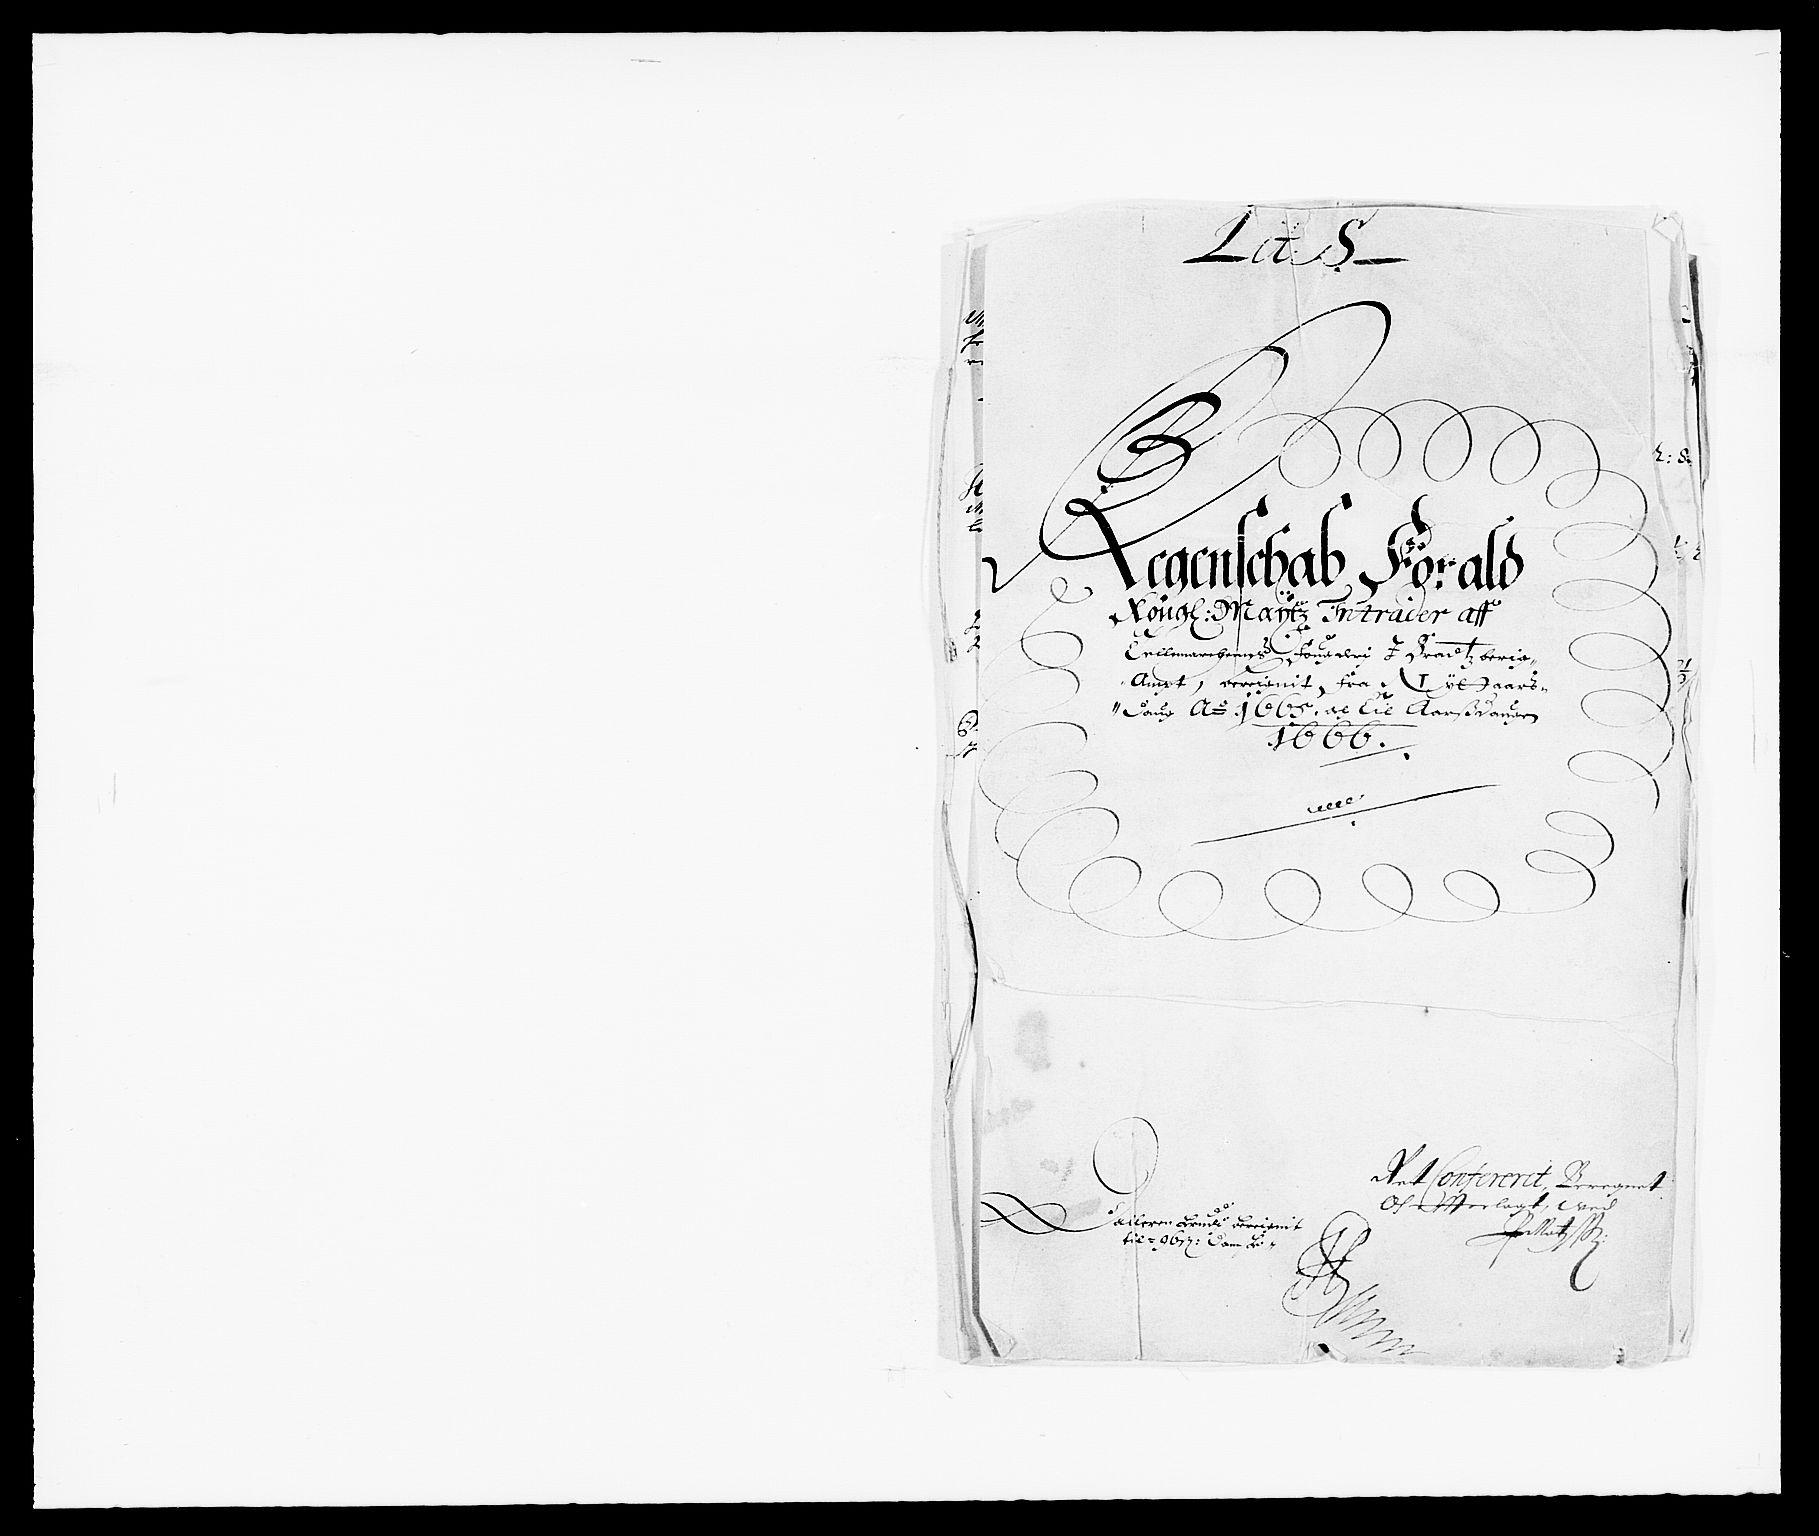 RA, Rentekammeret inntil 1814, Reviderte regnskaper, Fogderegnskap, R35/L2056: Fogderegnskap Øvre og Nedre Telemark, 1665, s. 1